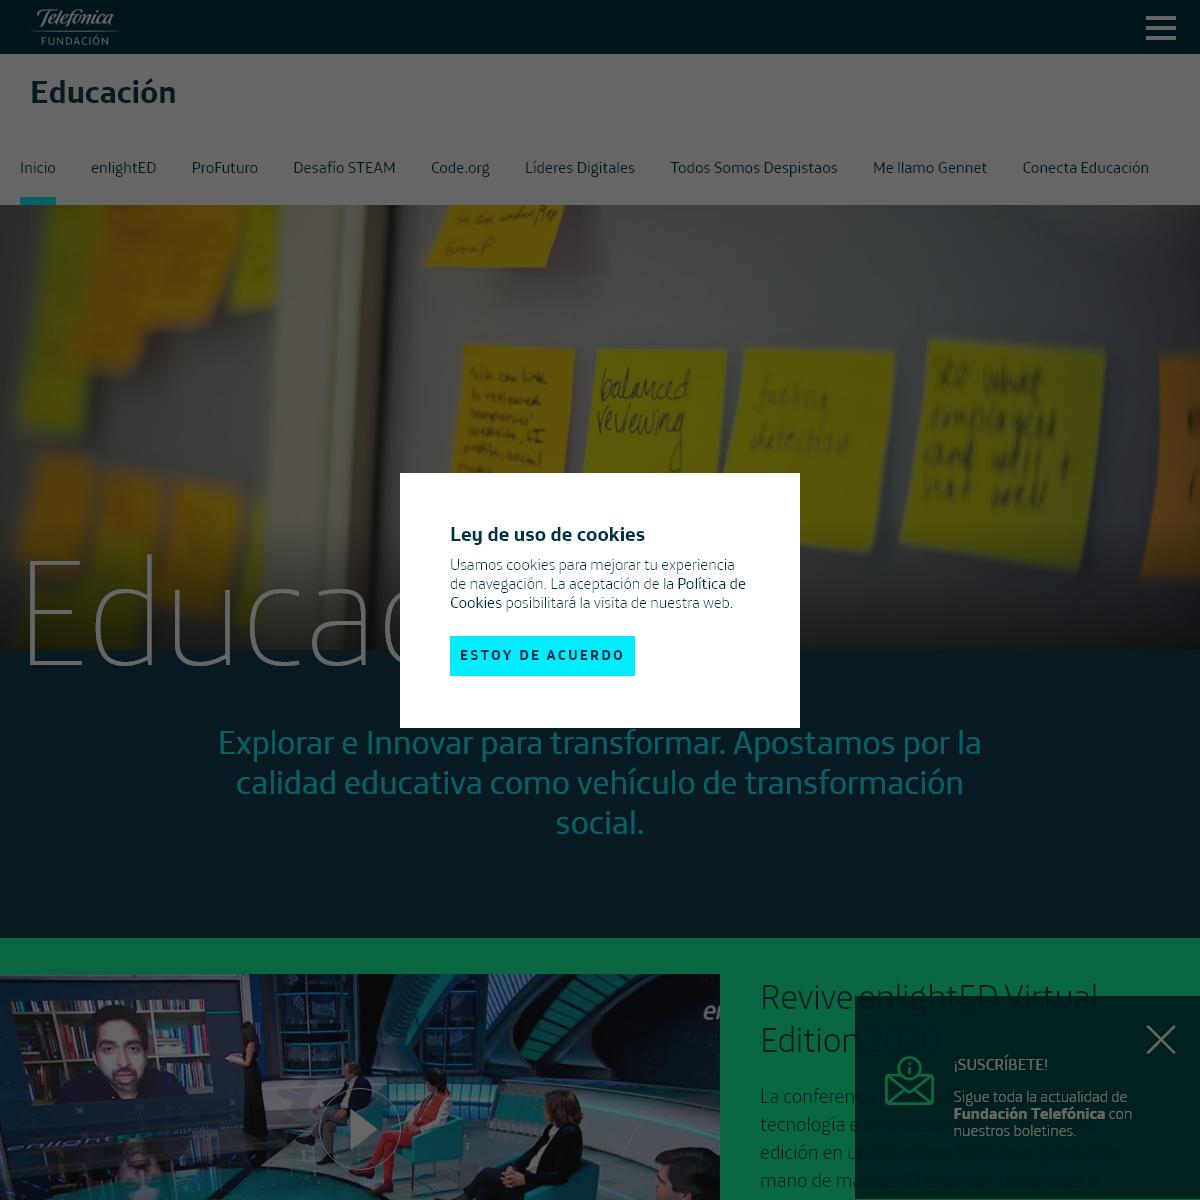 Educación - Fundación Telefónica España